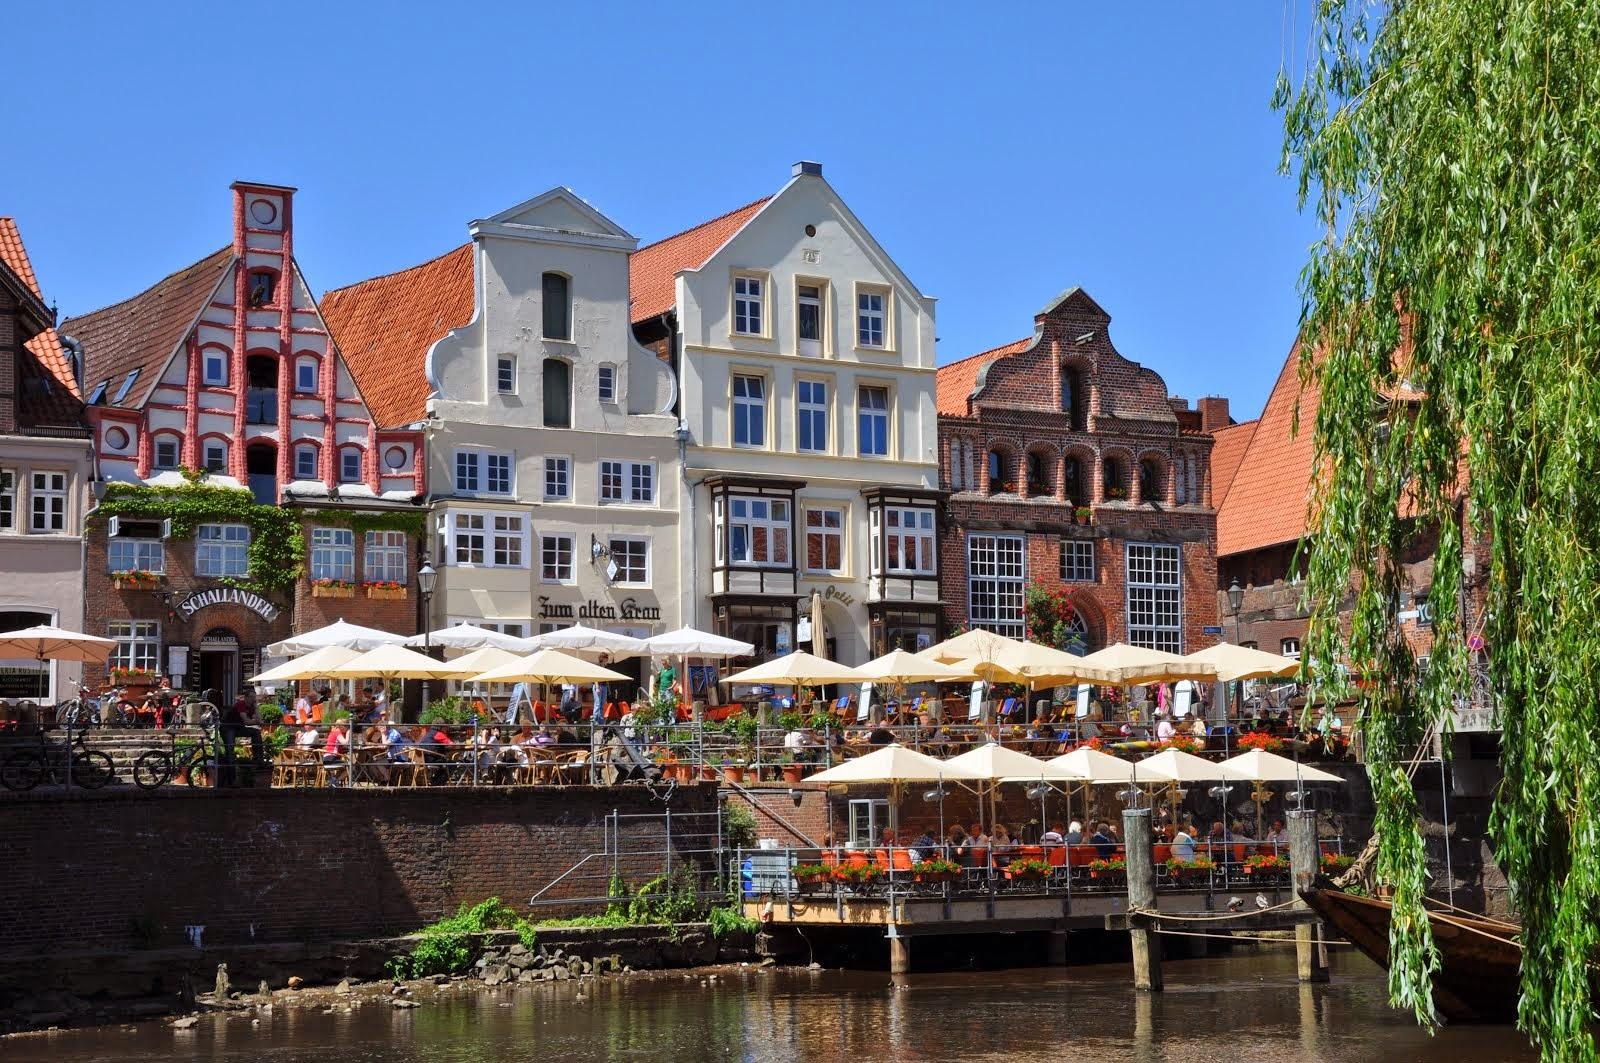 Lueneburger_Stintmarkt_DSC_0163_LMG (1)